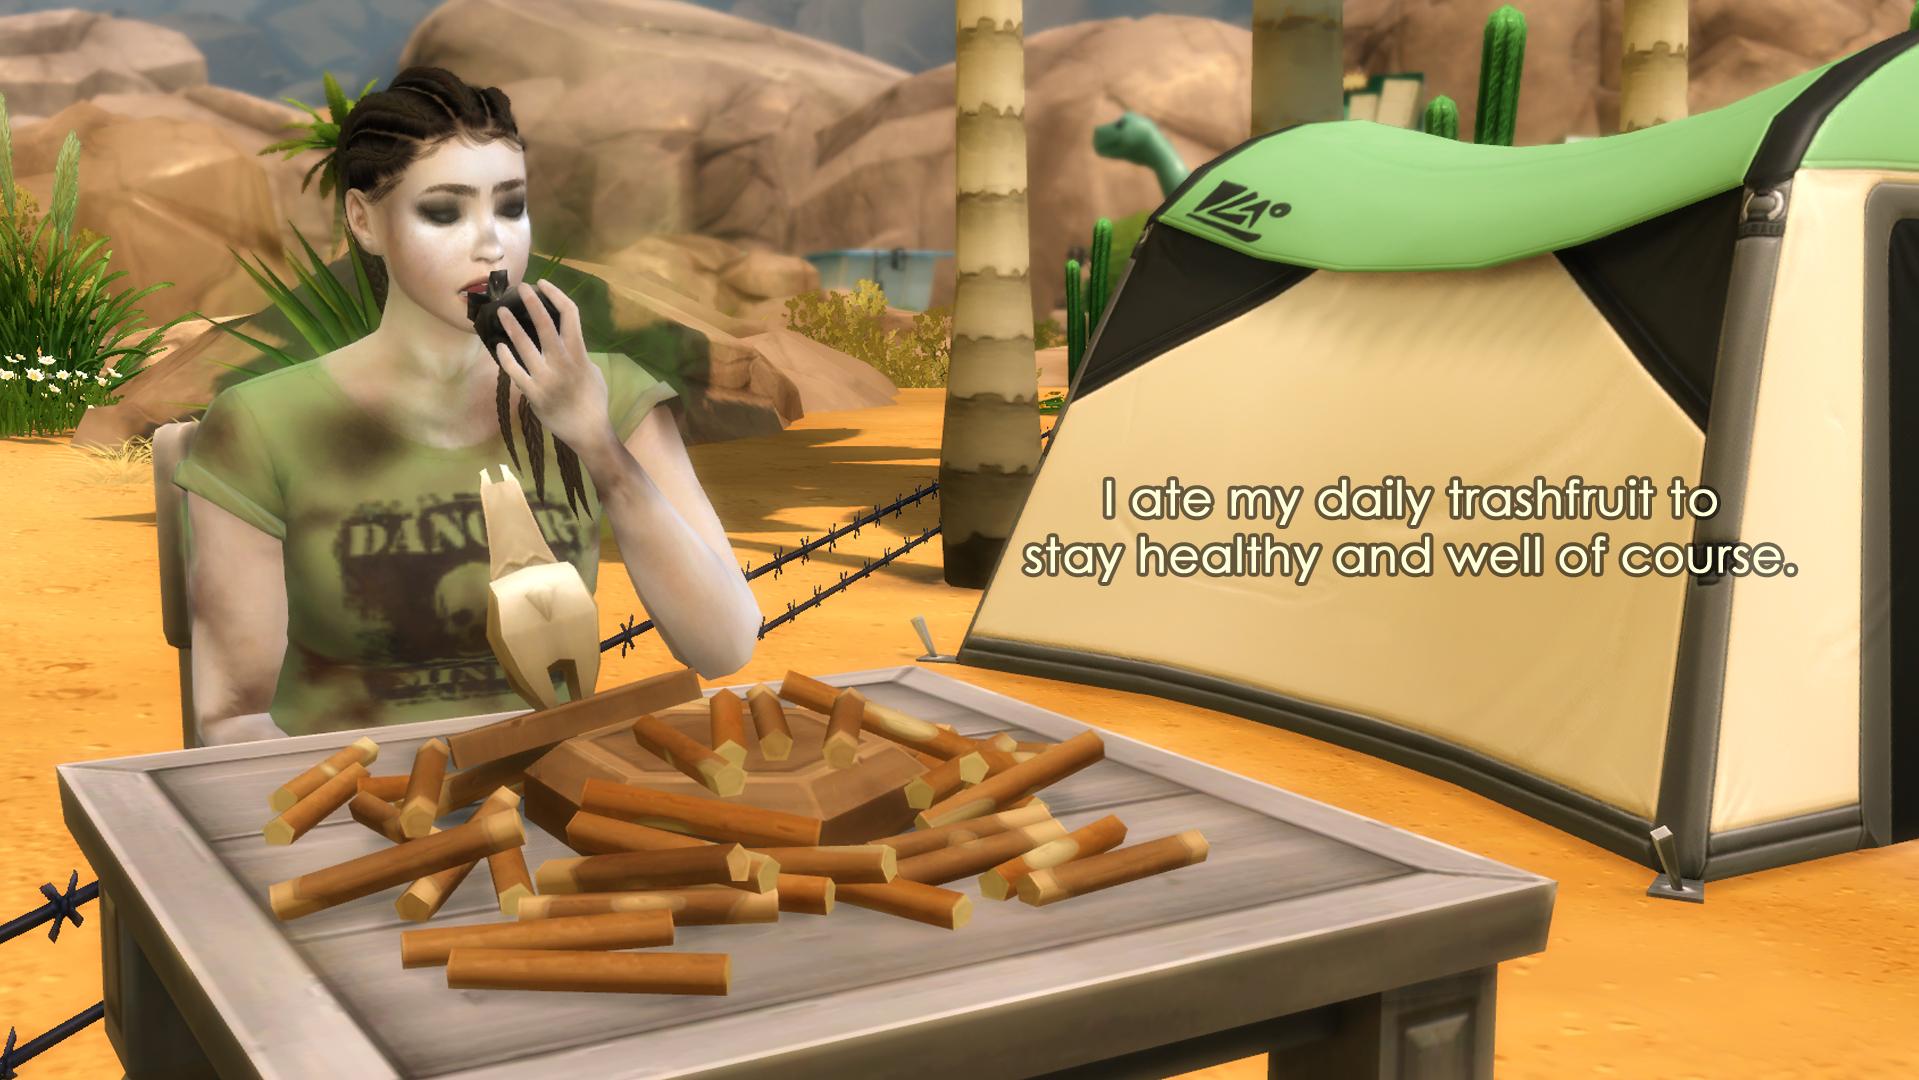 2-7 15 trashfruit daily